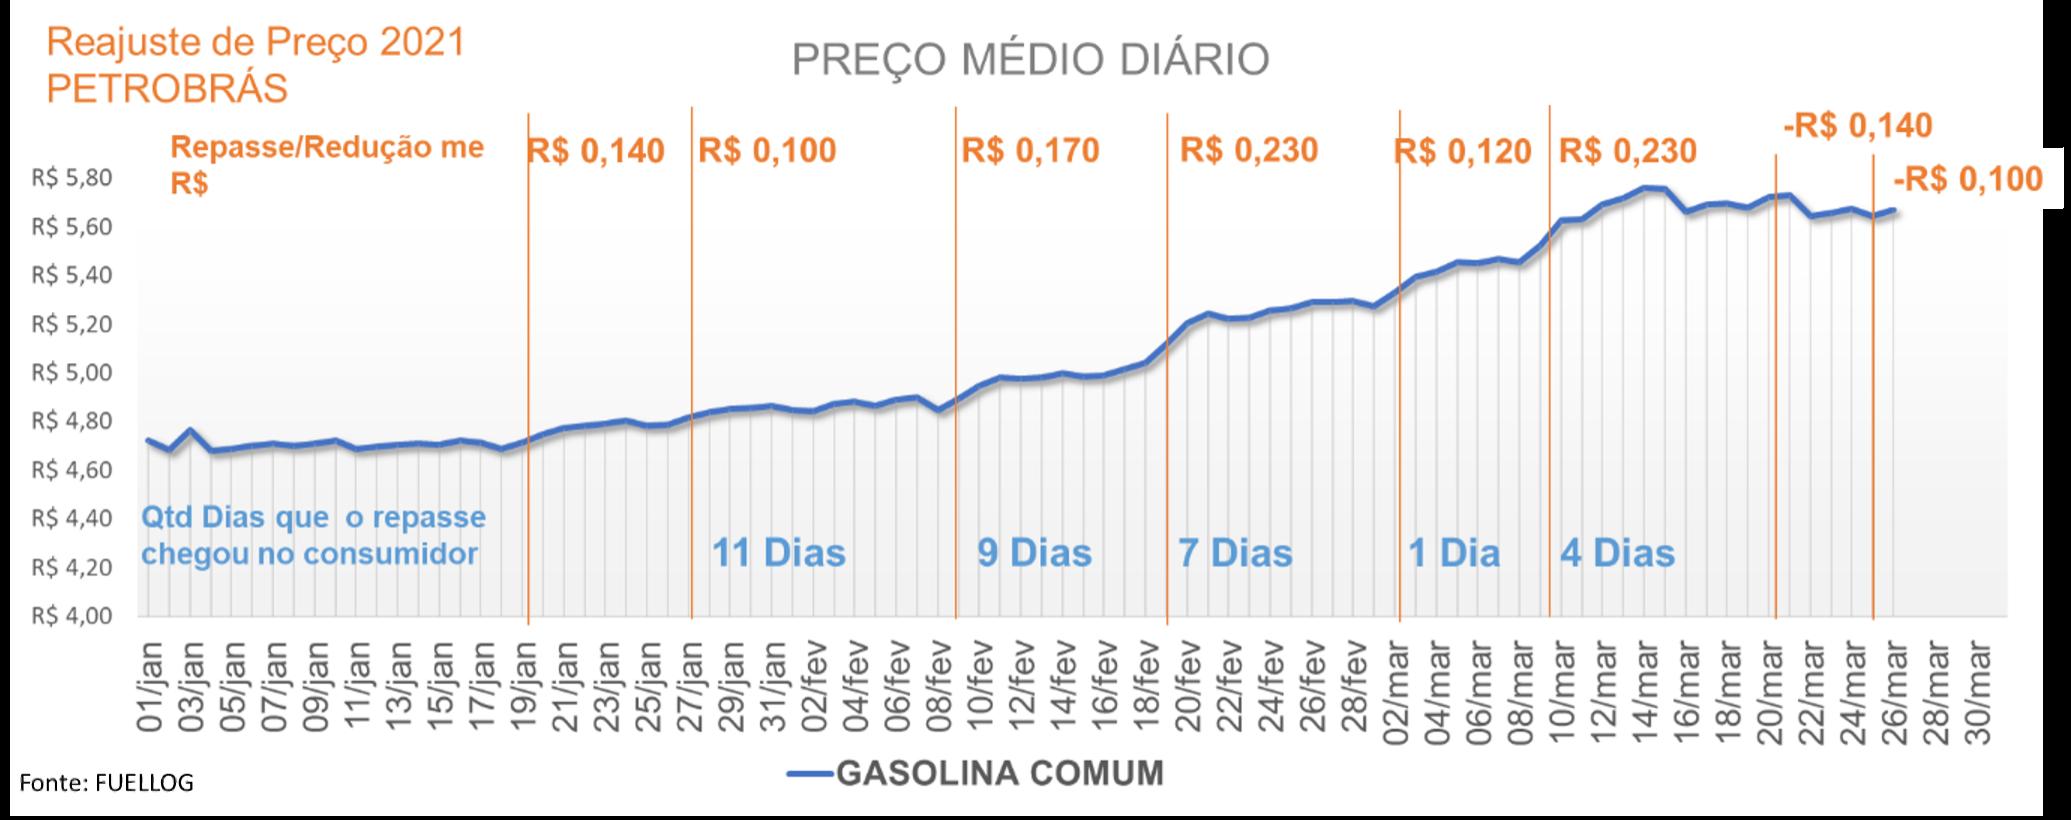 Tabela com o repasse do reajuste no preço médio da gasolina comum em 2021